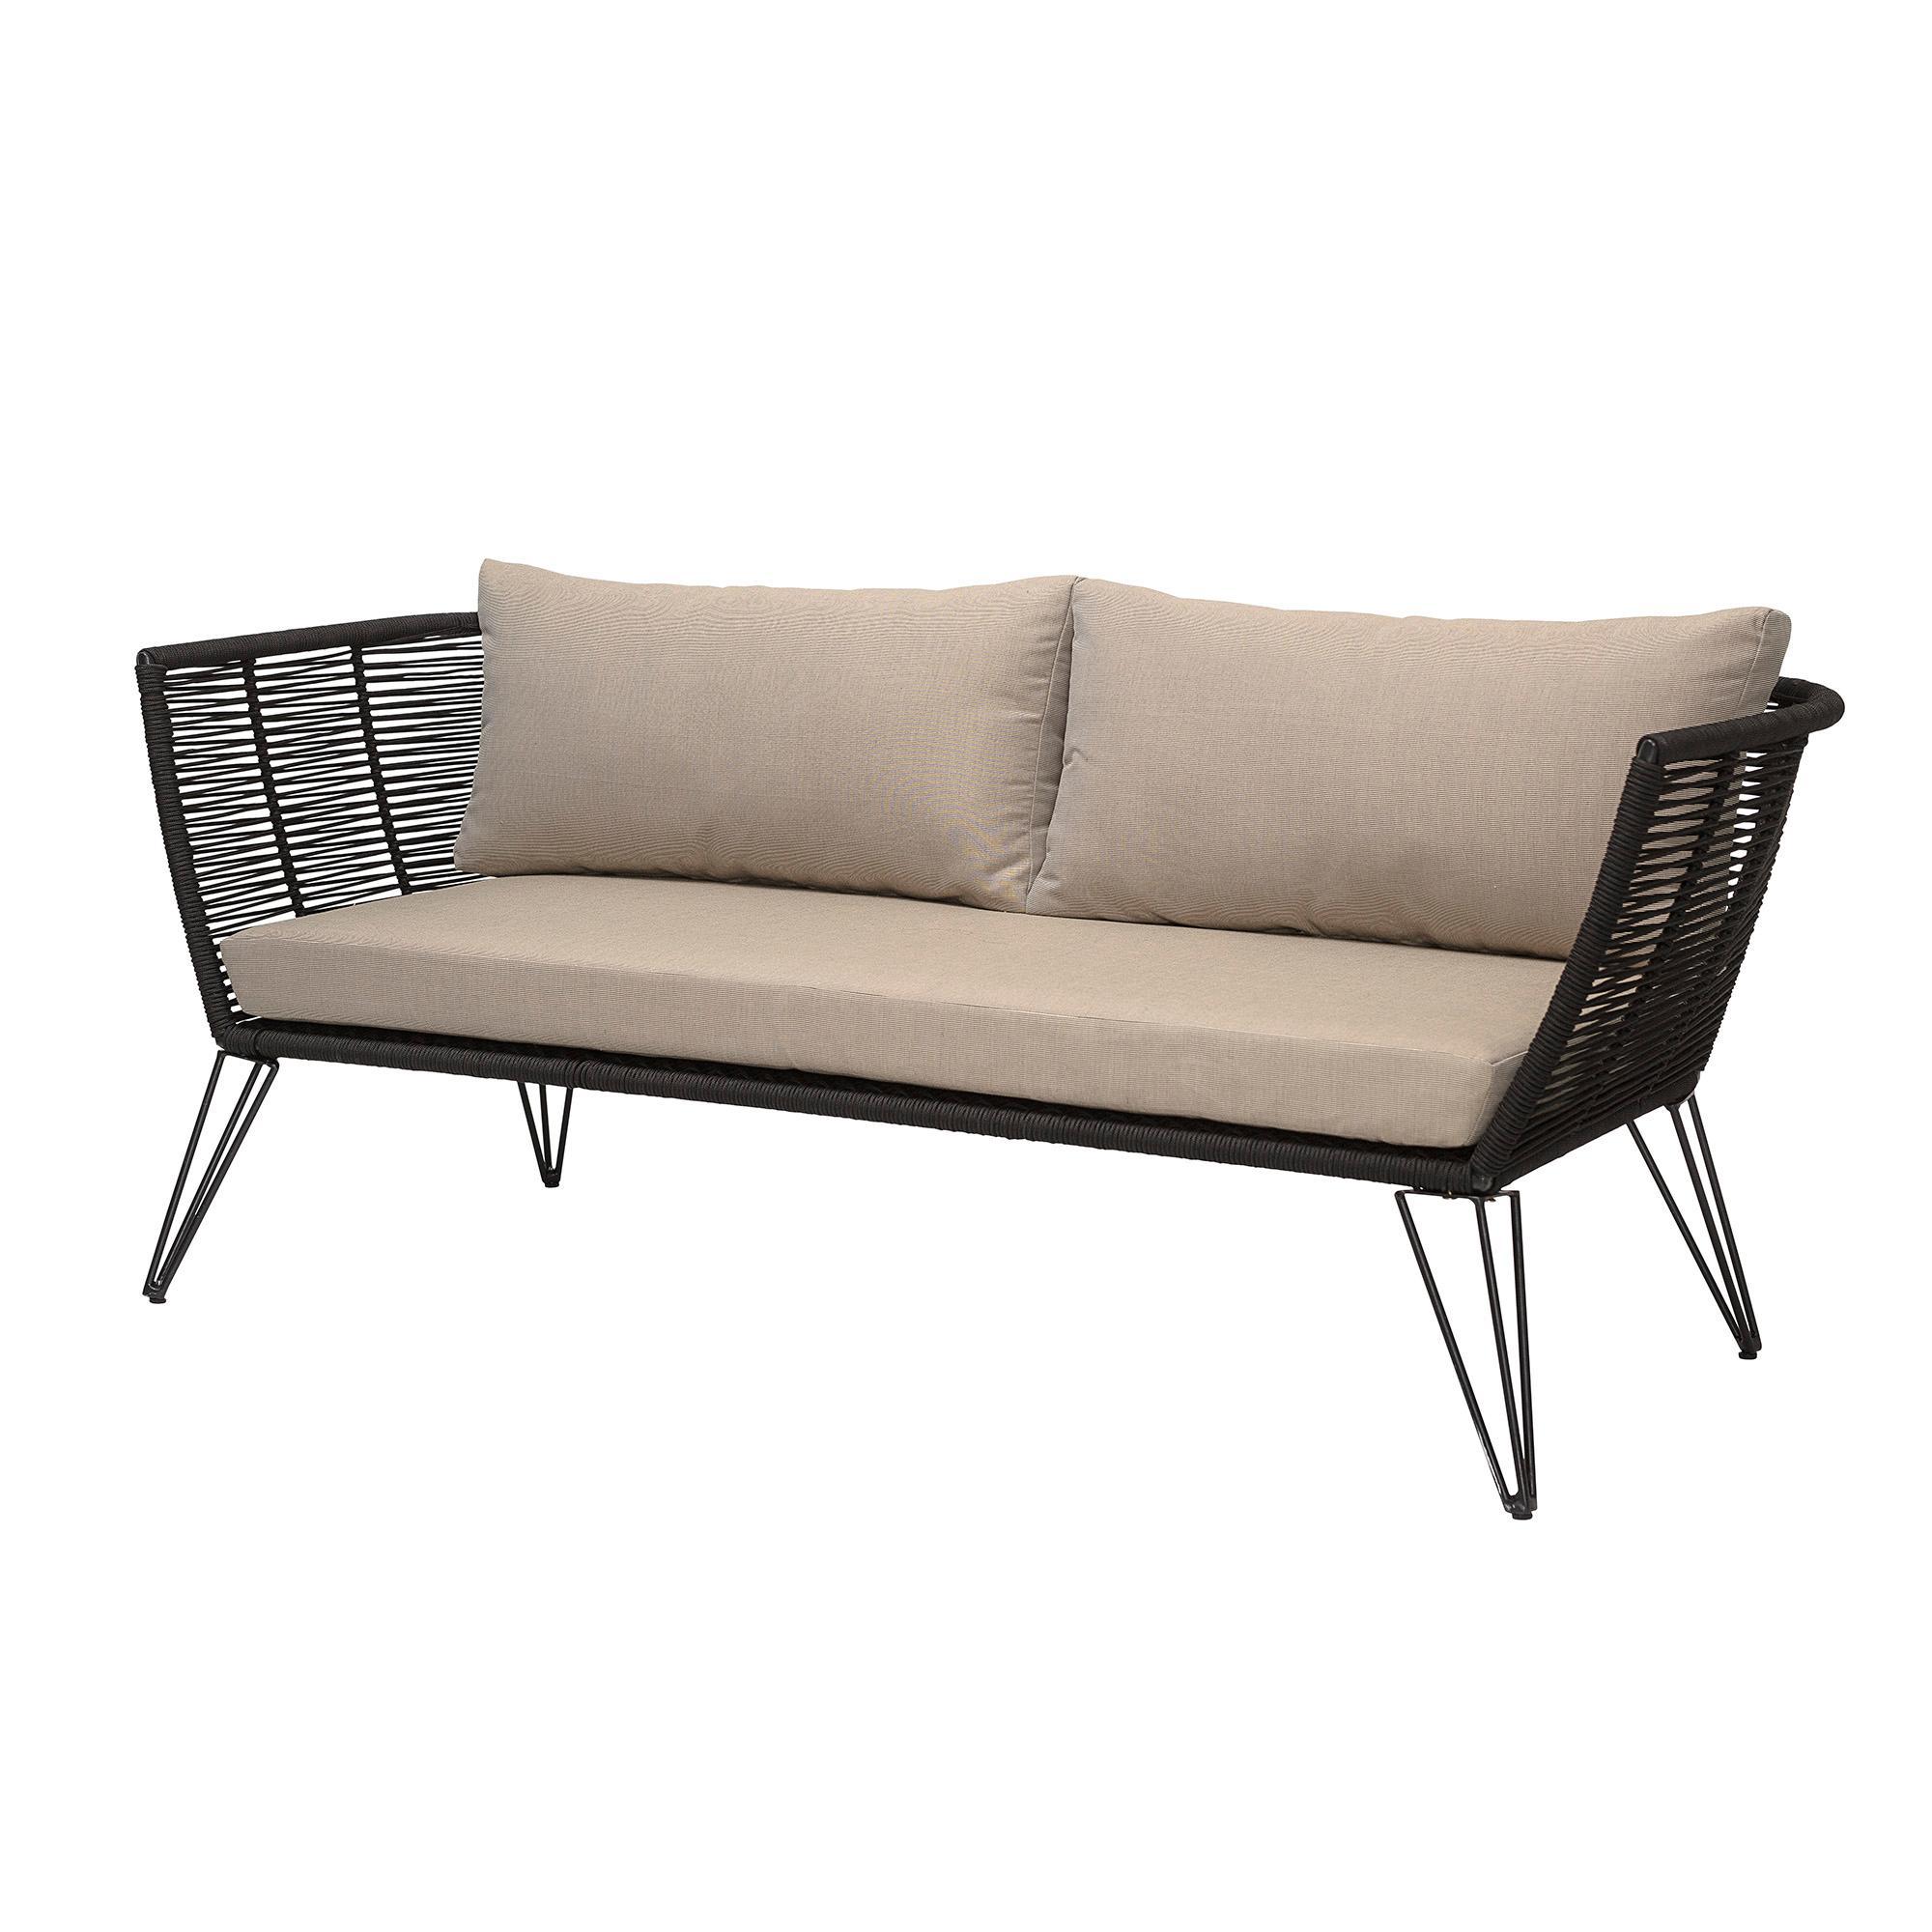 Tuin loungebank Mundo met kunststoffen vlechtwerk (2-zits), Frame: gepoedercoat metaal, Zitvlak: polyethyleen, Bekleding: polyester, Beige, B 175 x D 74 cm